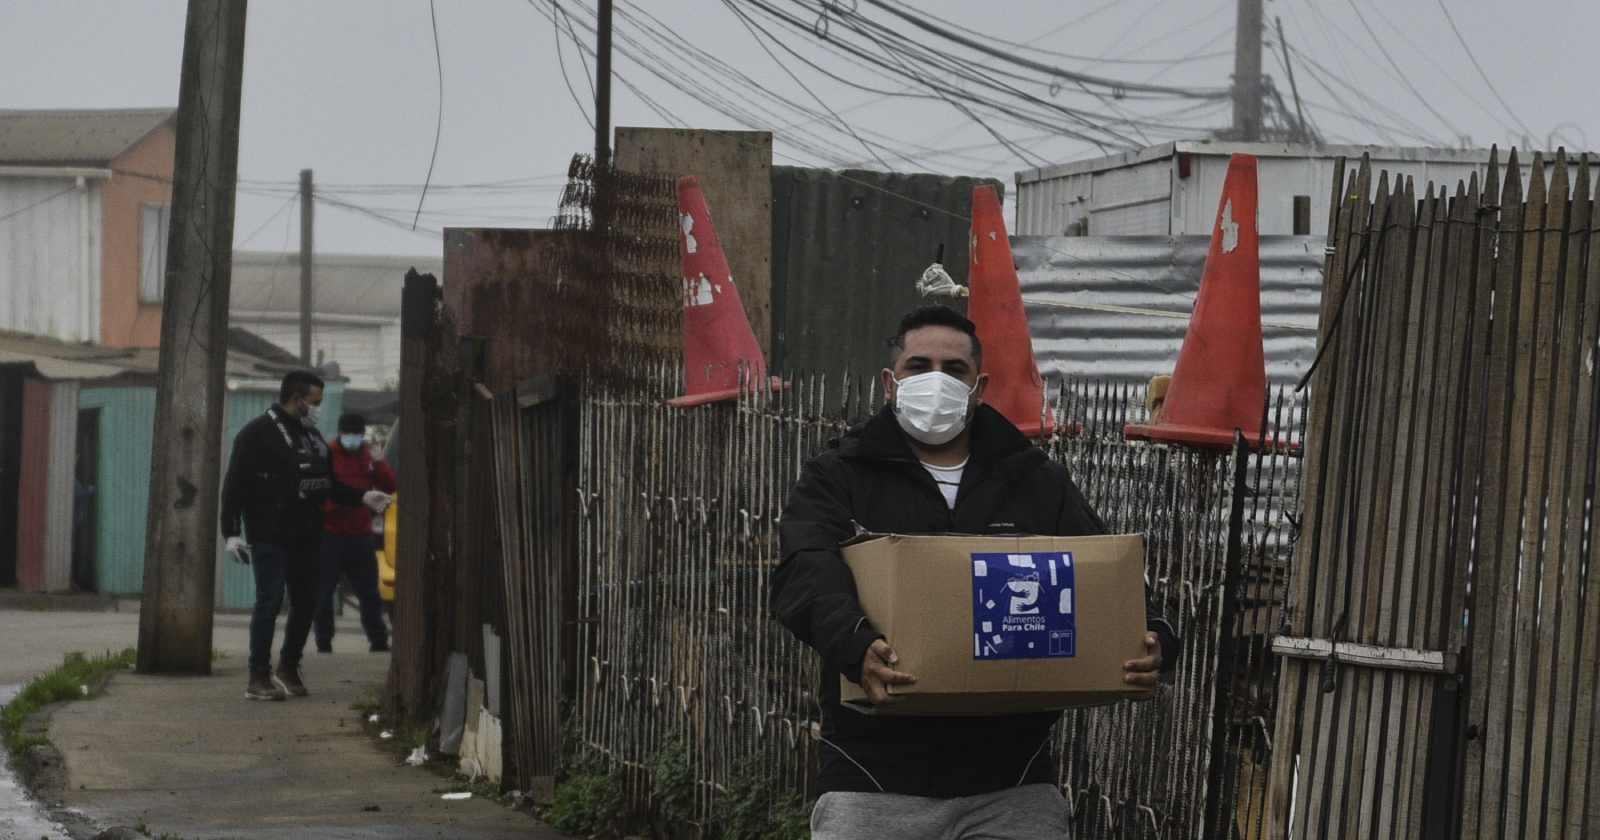 ¿Sólo Chile ha caído en una crisis económica por el coronavirus?